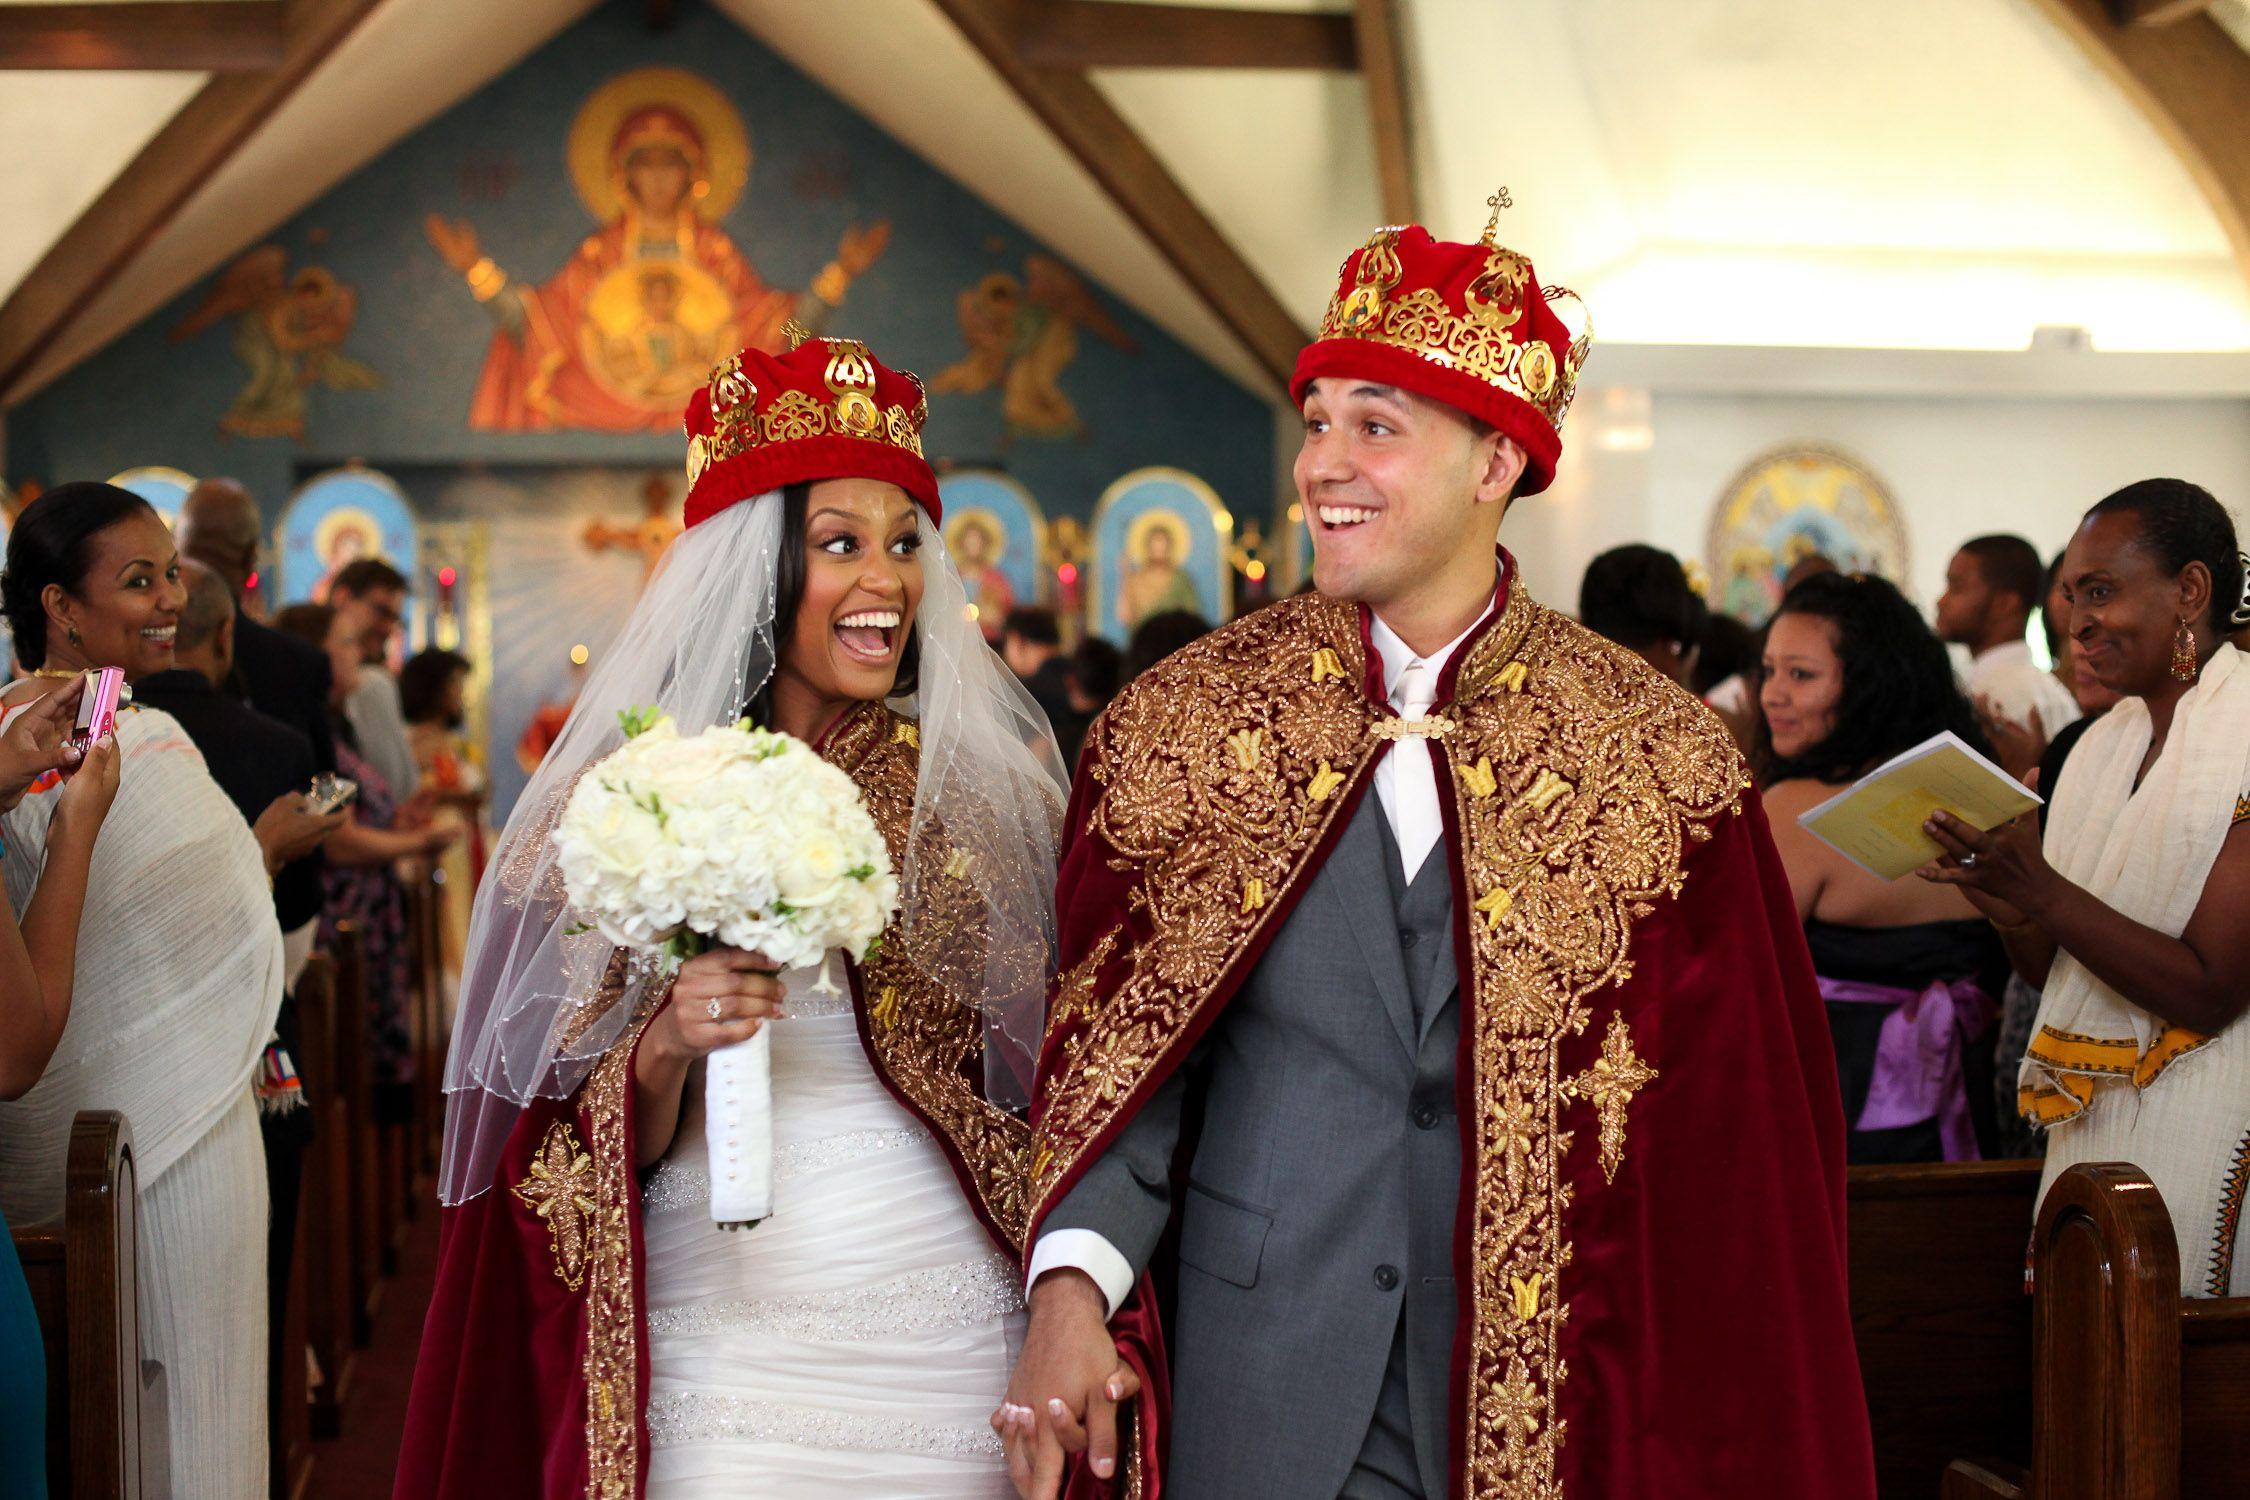 ethiopian wedding dress Fa Mannan Ethiopia Glenview Mansion Maryland Ethiopian Wedding Bridal Party Orthodox Christians crown each other a Greek svayamvara custom